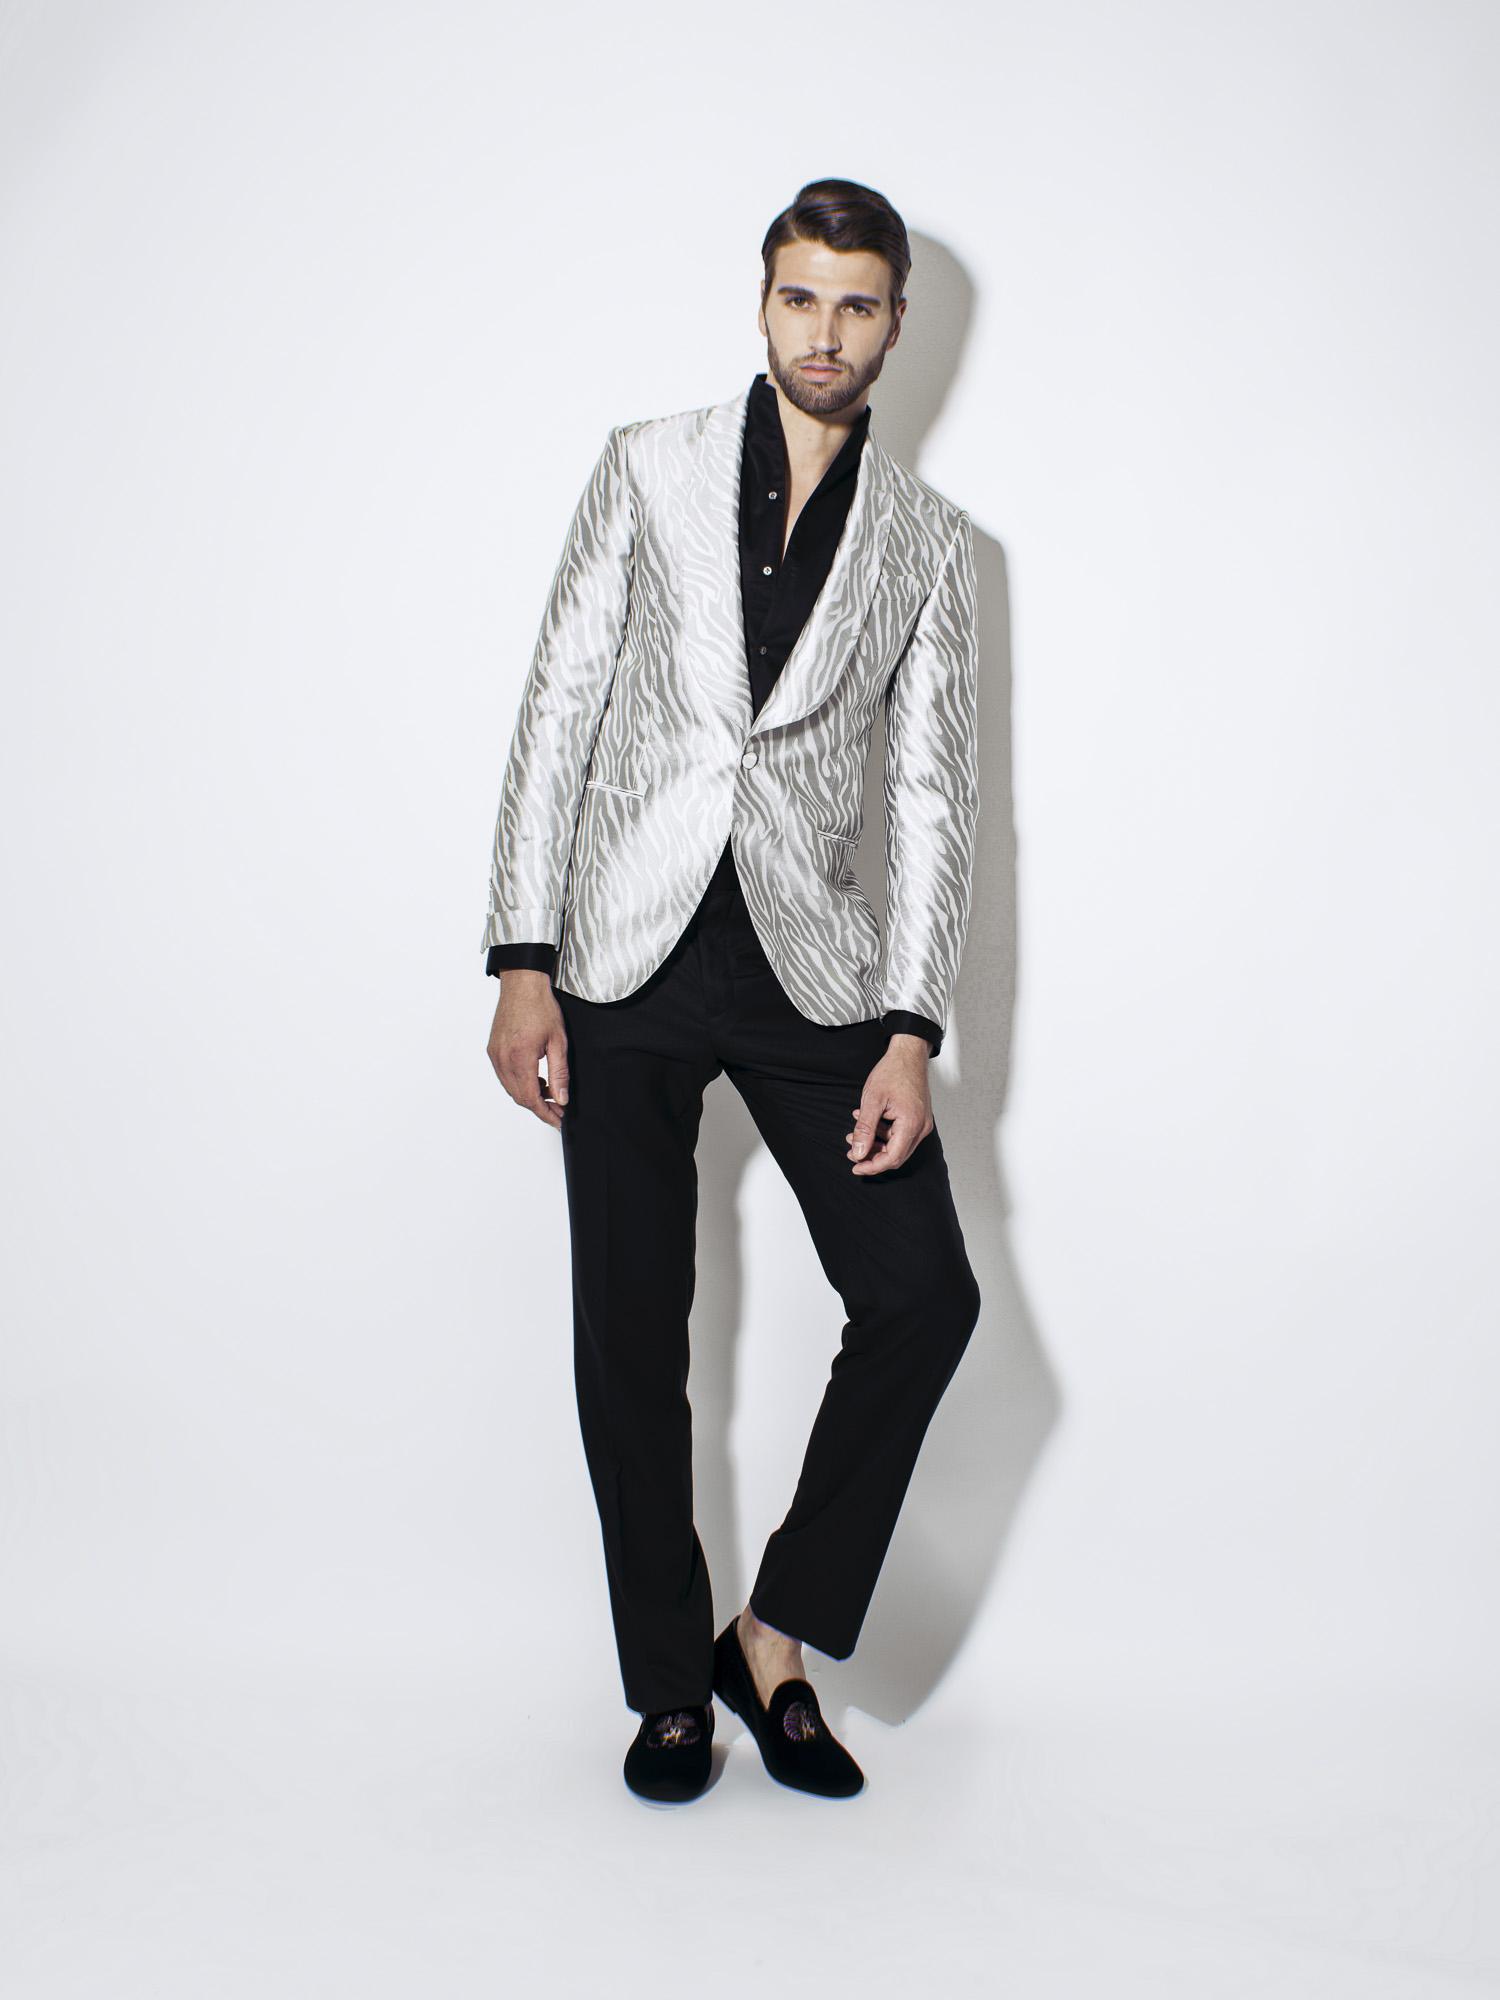 Fashion photography studio singapore services asia photographer photoshoot model jacket deboneire jose jeuland 4